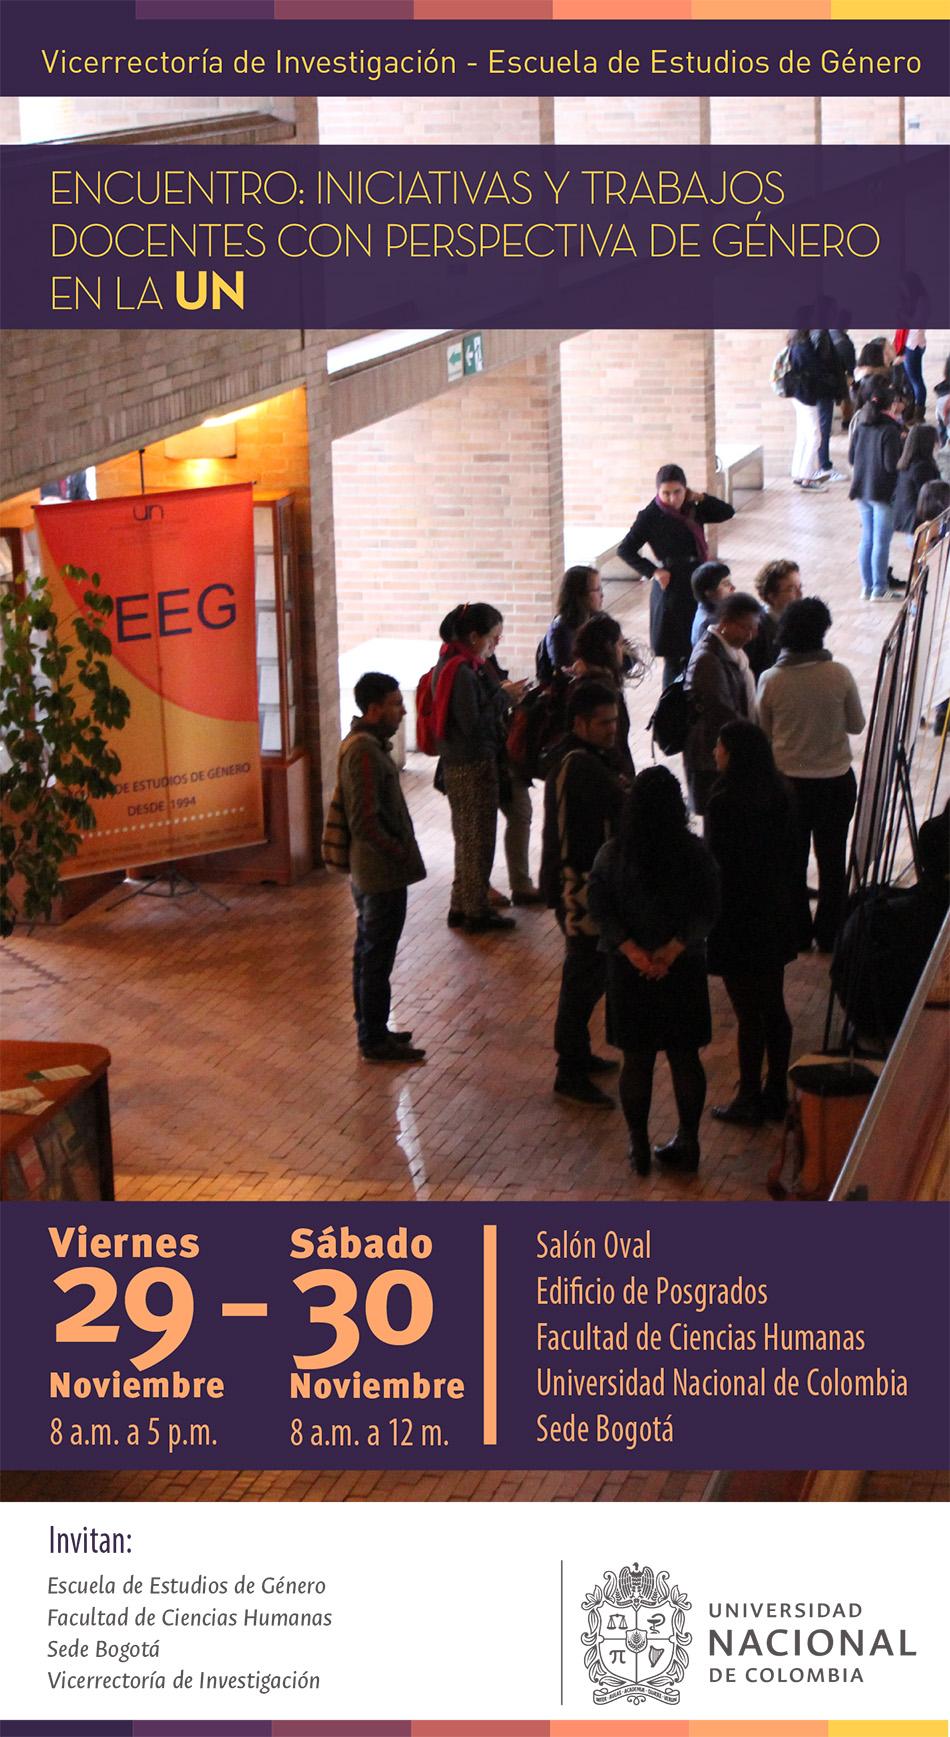 Encuentro «Iniciativas y trabajos docentes con perspectiva de género en la Universidad Nacional de Colombia»